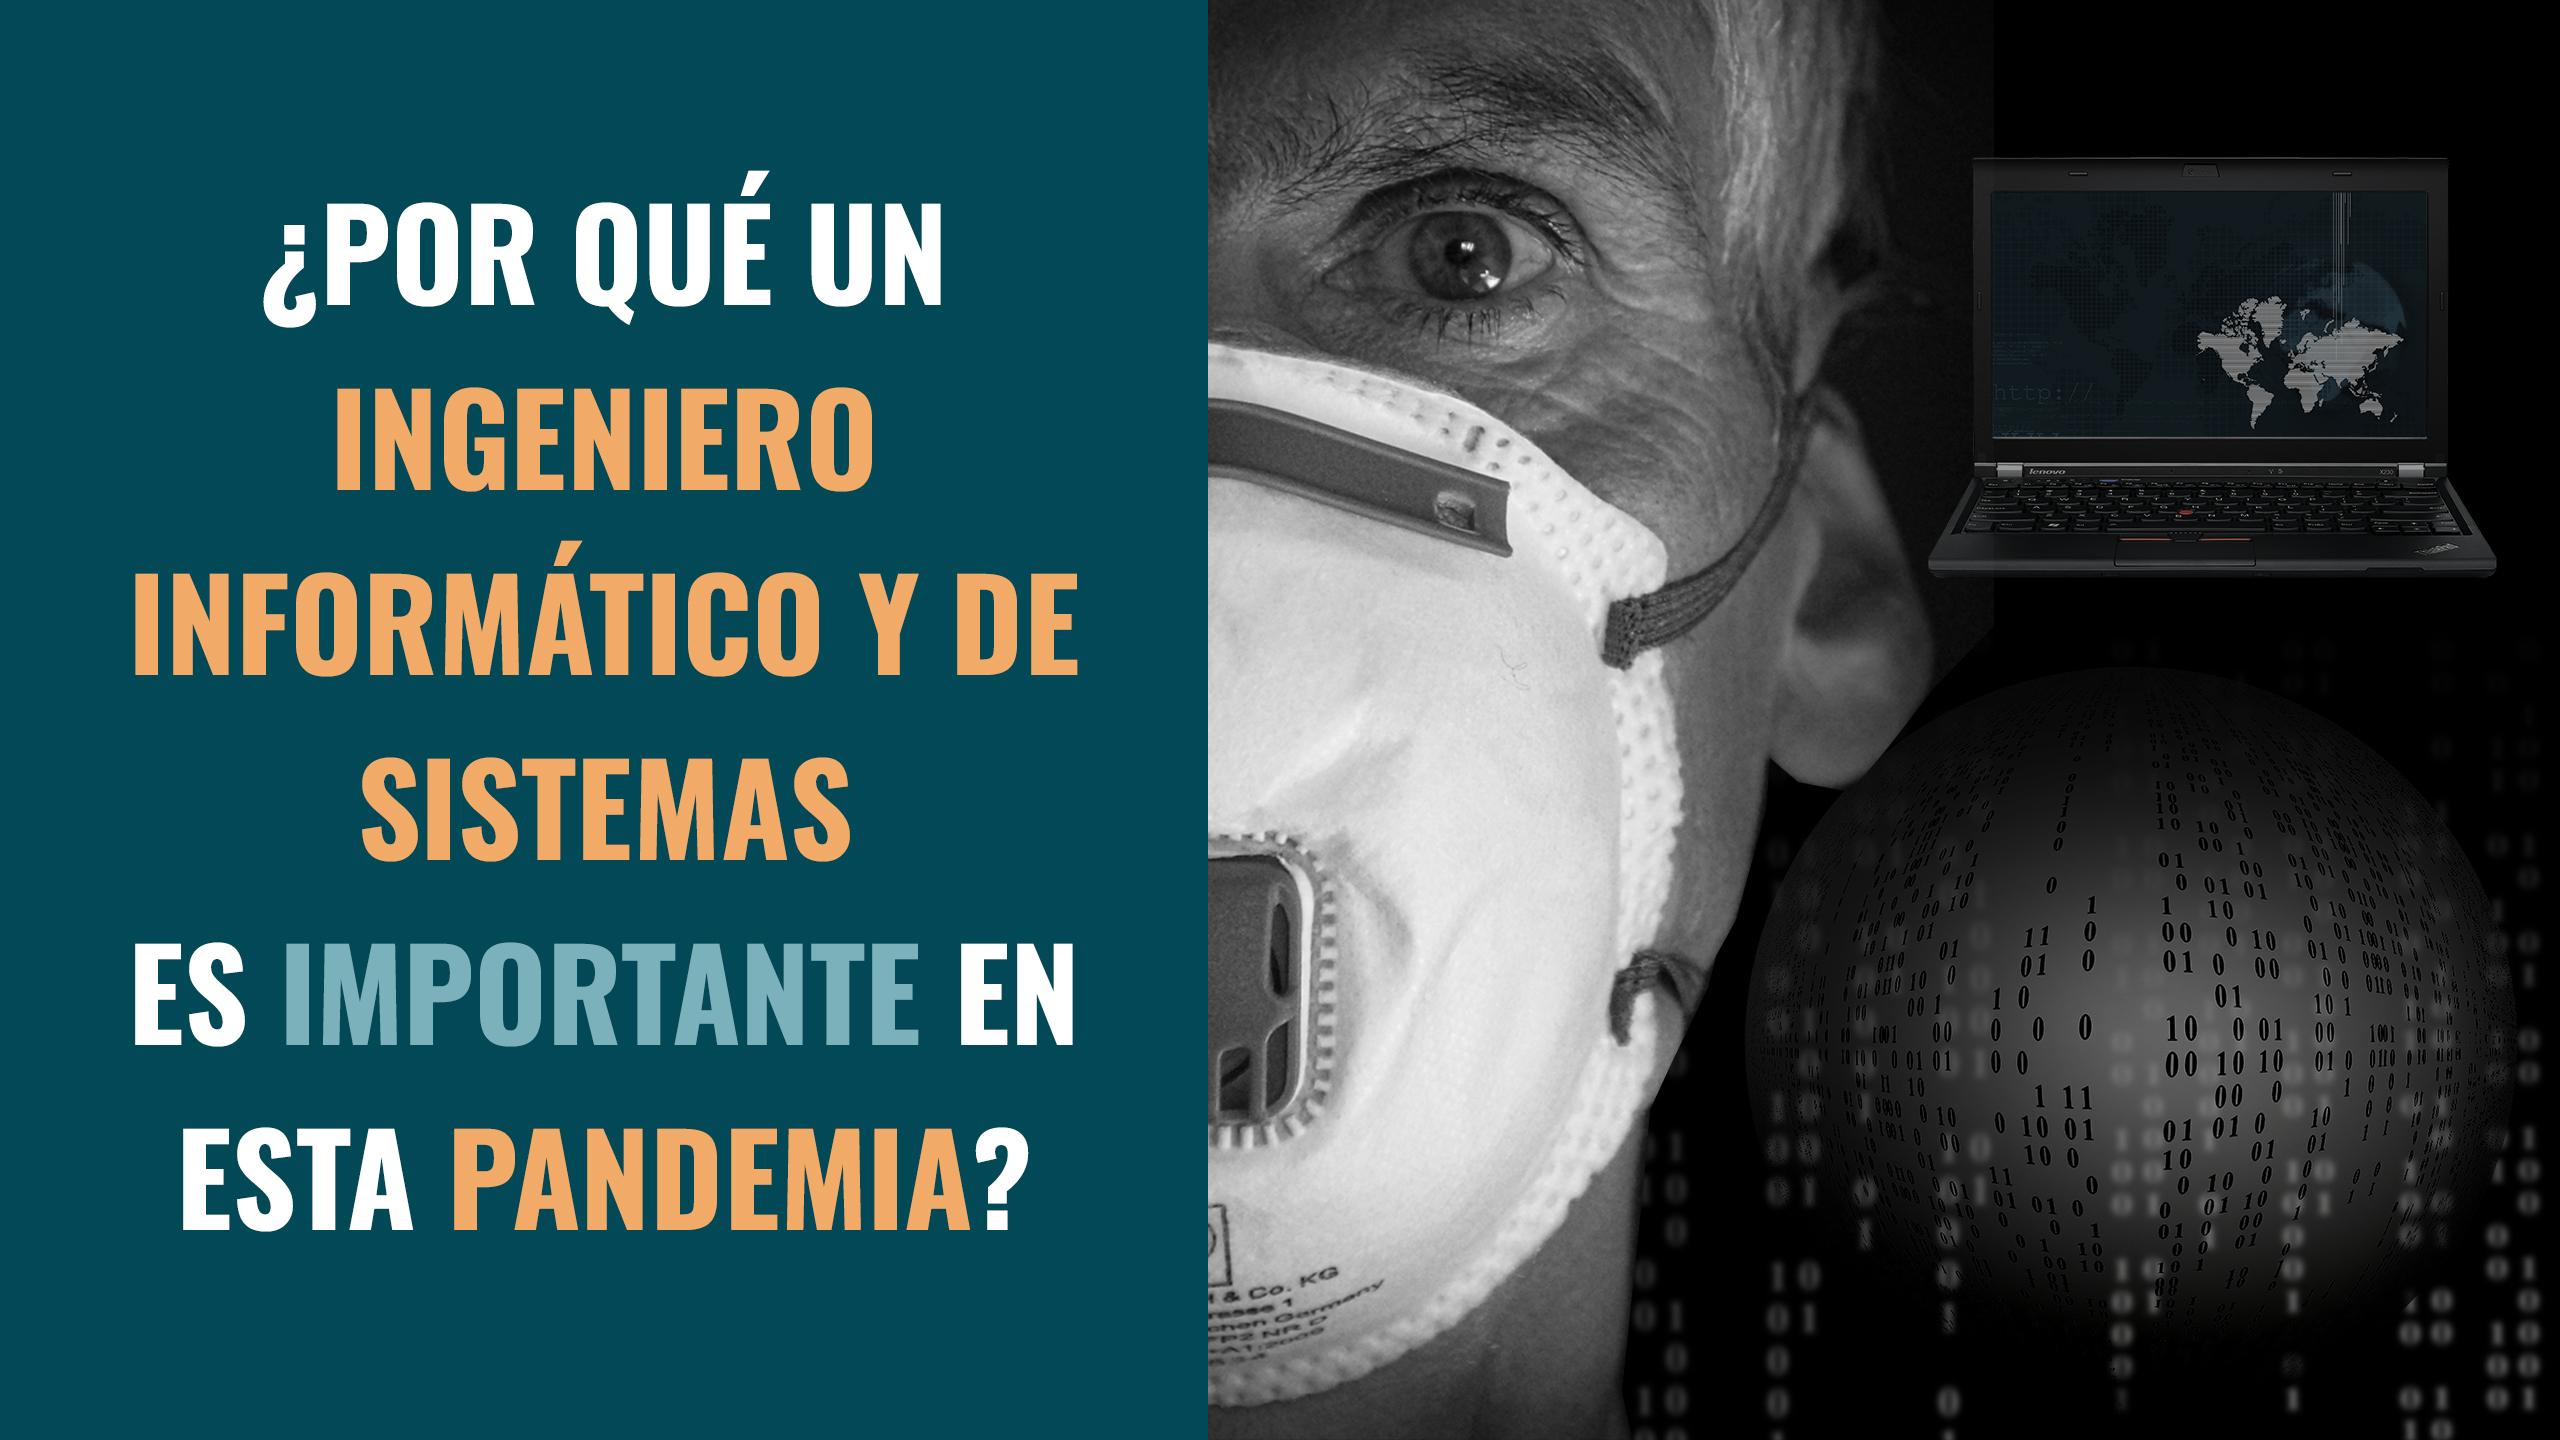 ¿Por qué un Informático es importante en esta Pandemia?